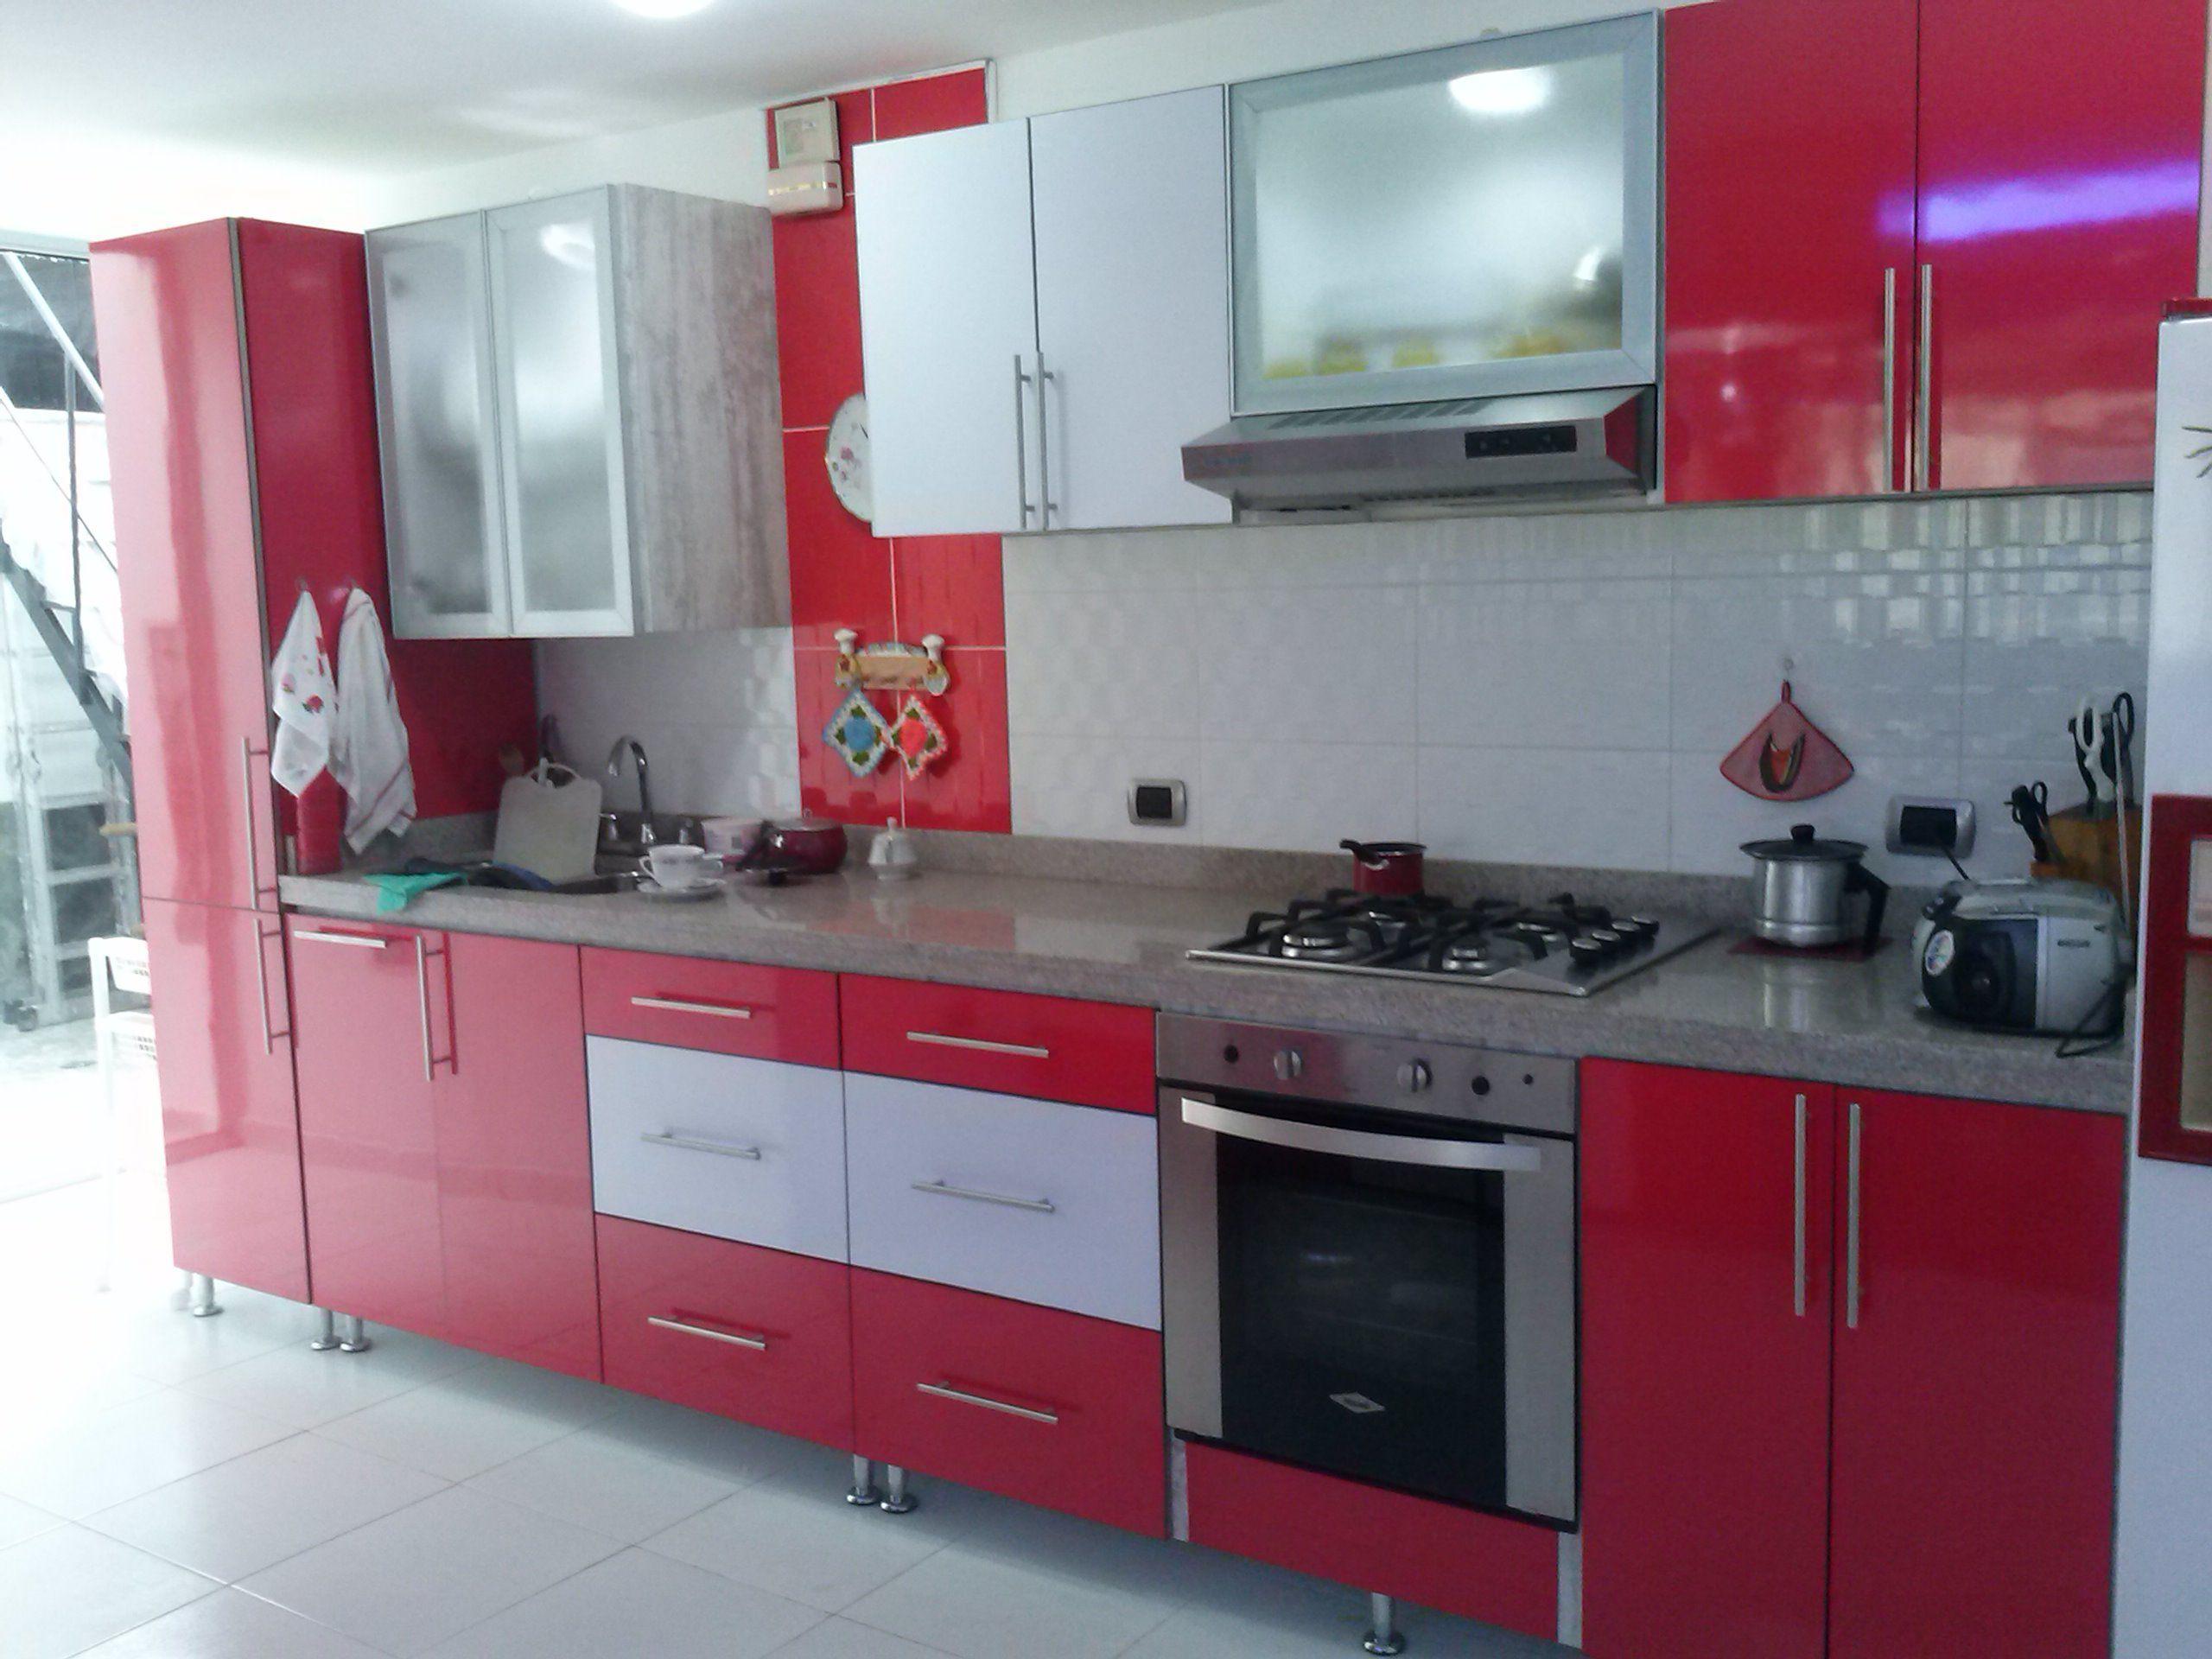 Cocina Integral Roja, Con Puertas En Aluminio Y Vidrio, Con Luz Led,  Cubiertas